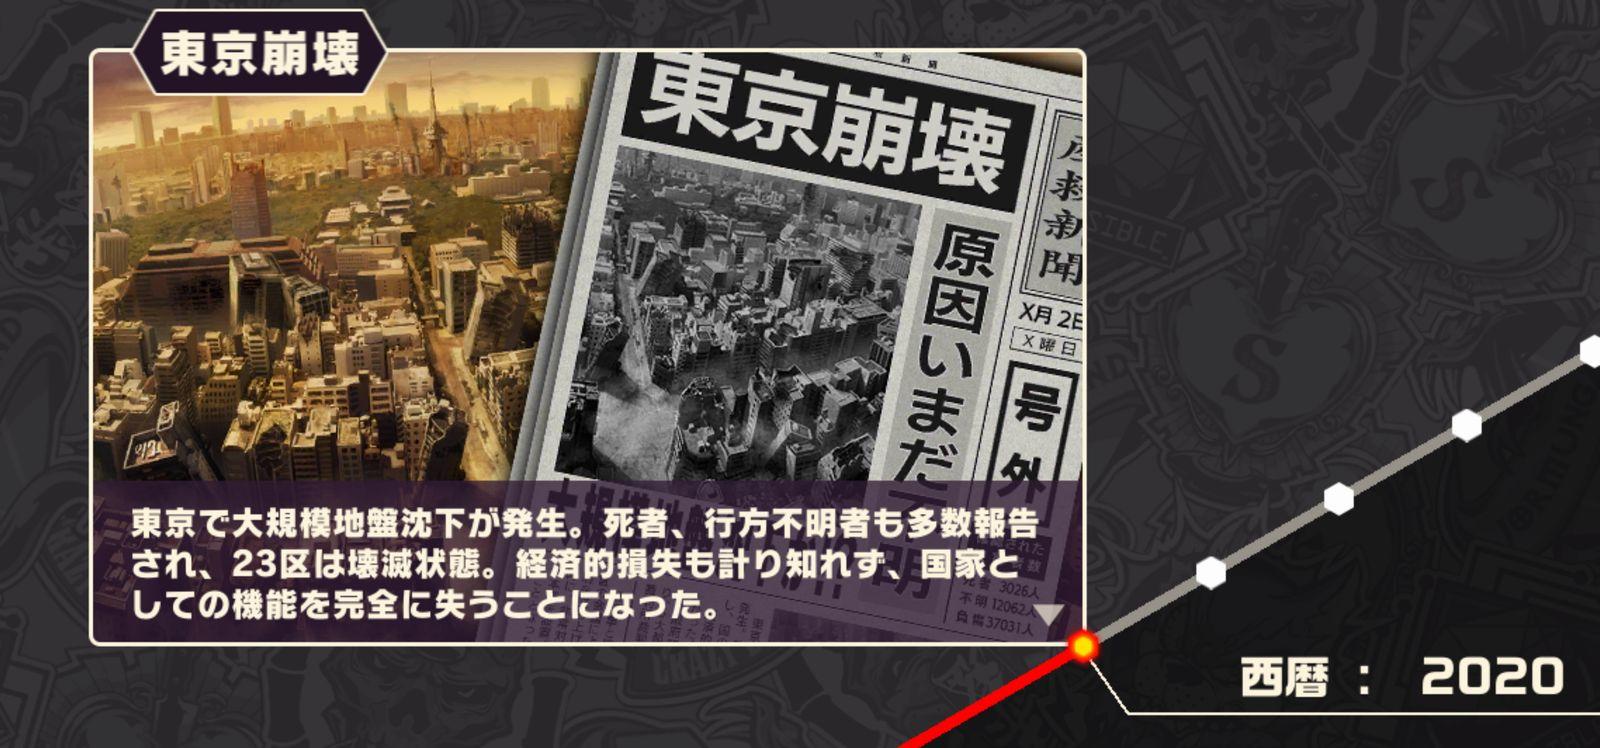 『東京プリズン』を先行プレイ!廃都となった東京で頂点を目指せ!【ゲームプレビュー】